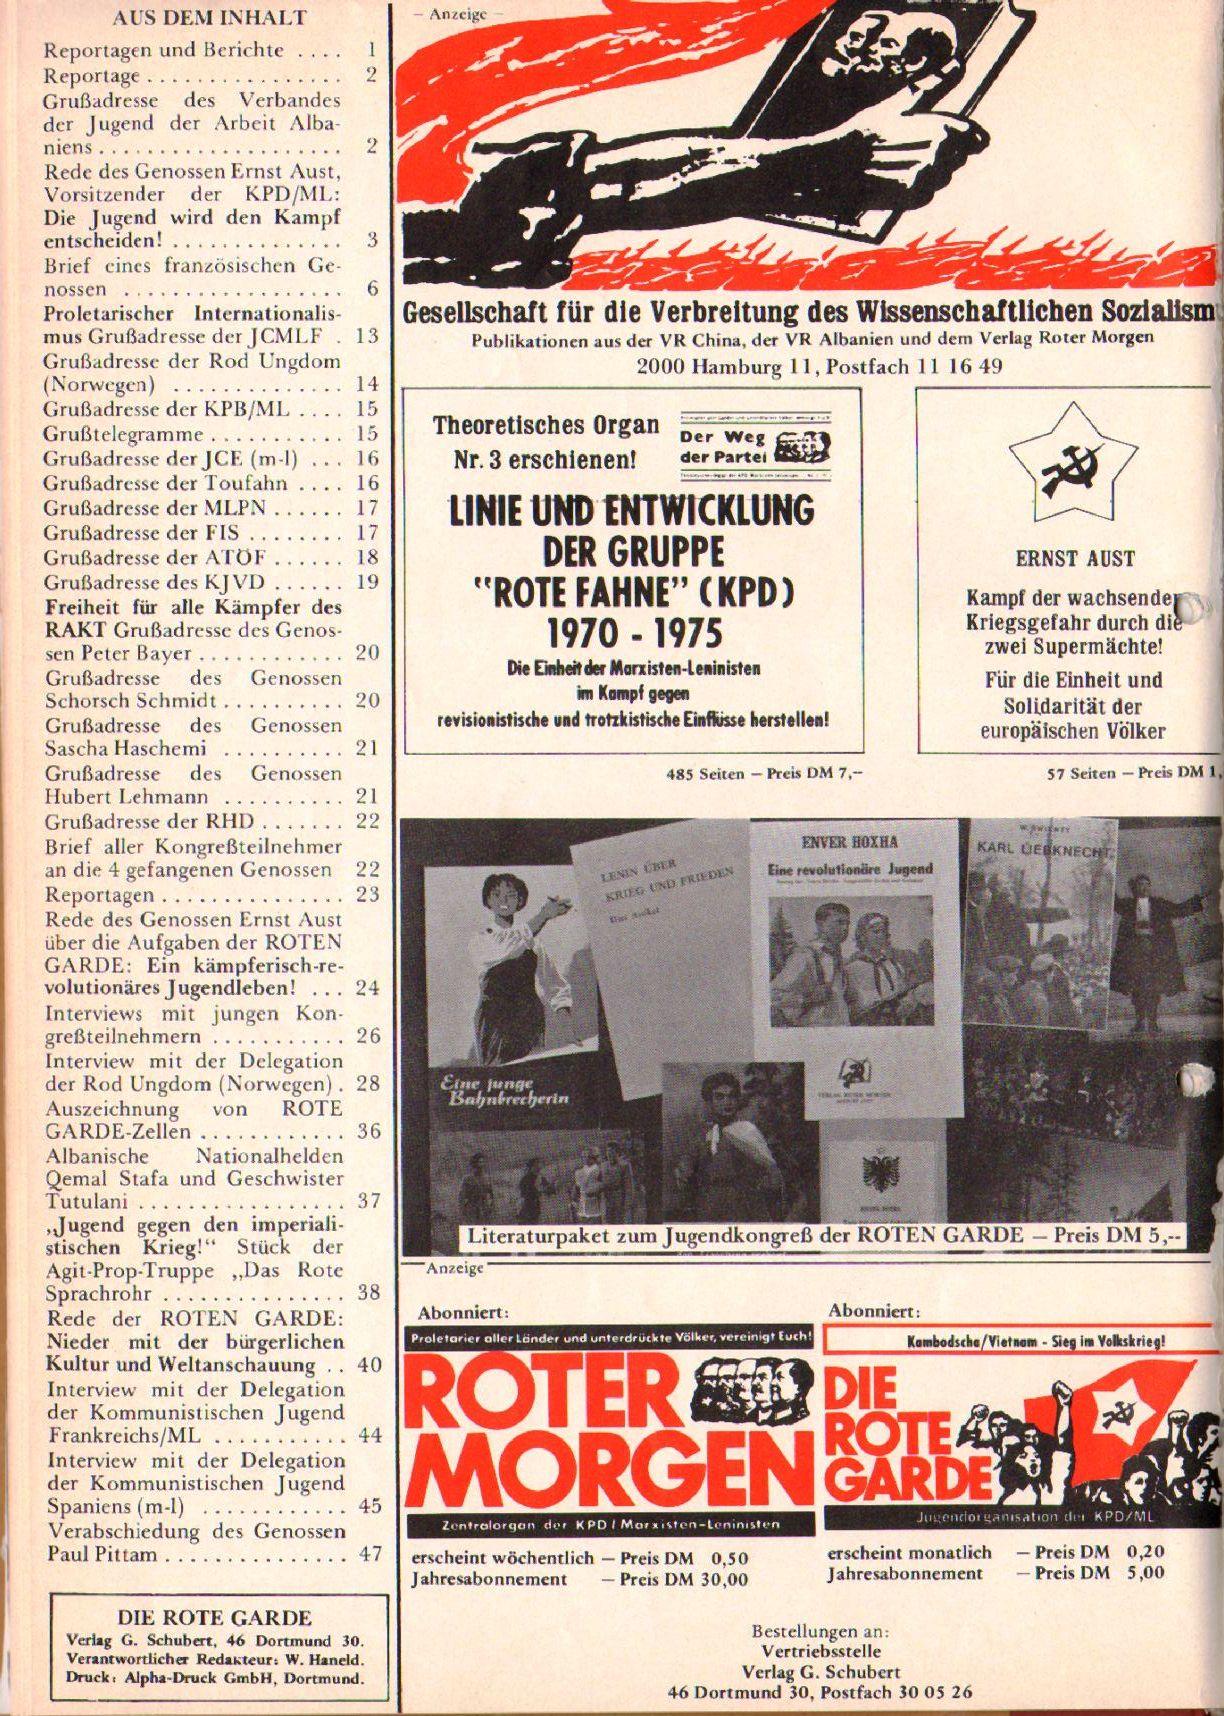 RGZ_1975_06_Sondernummer_49